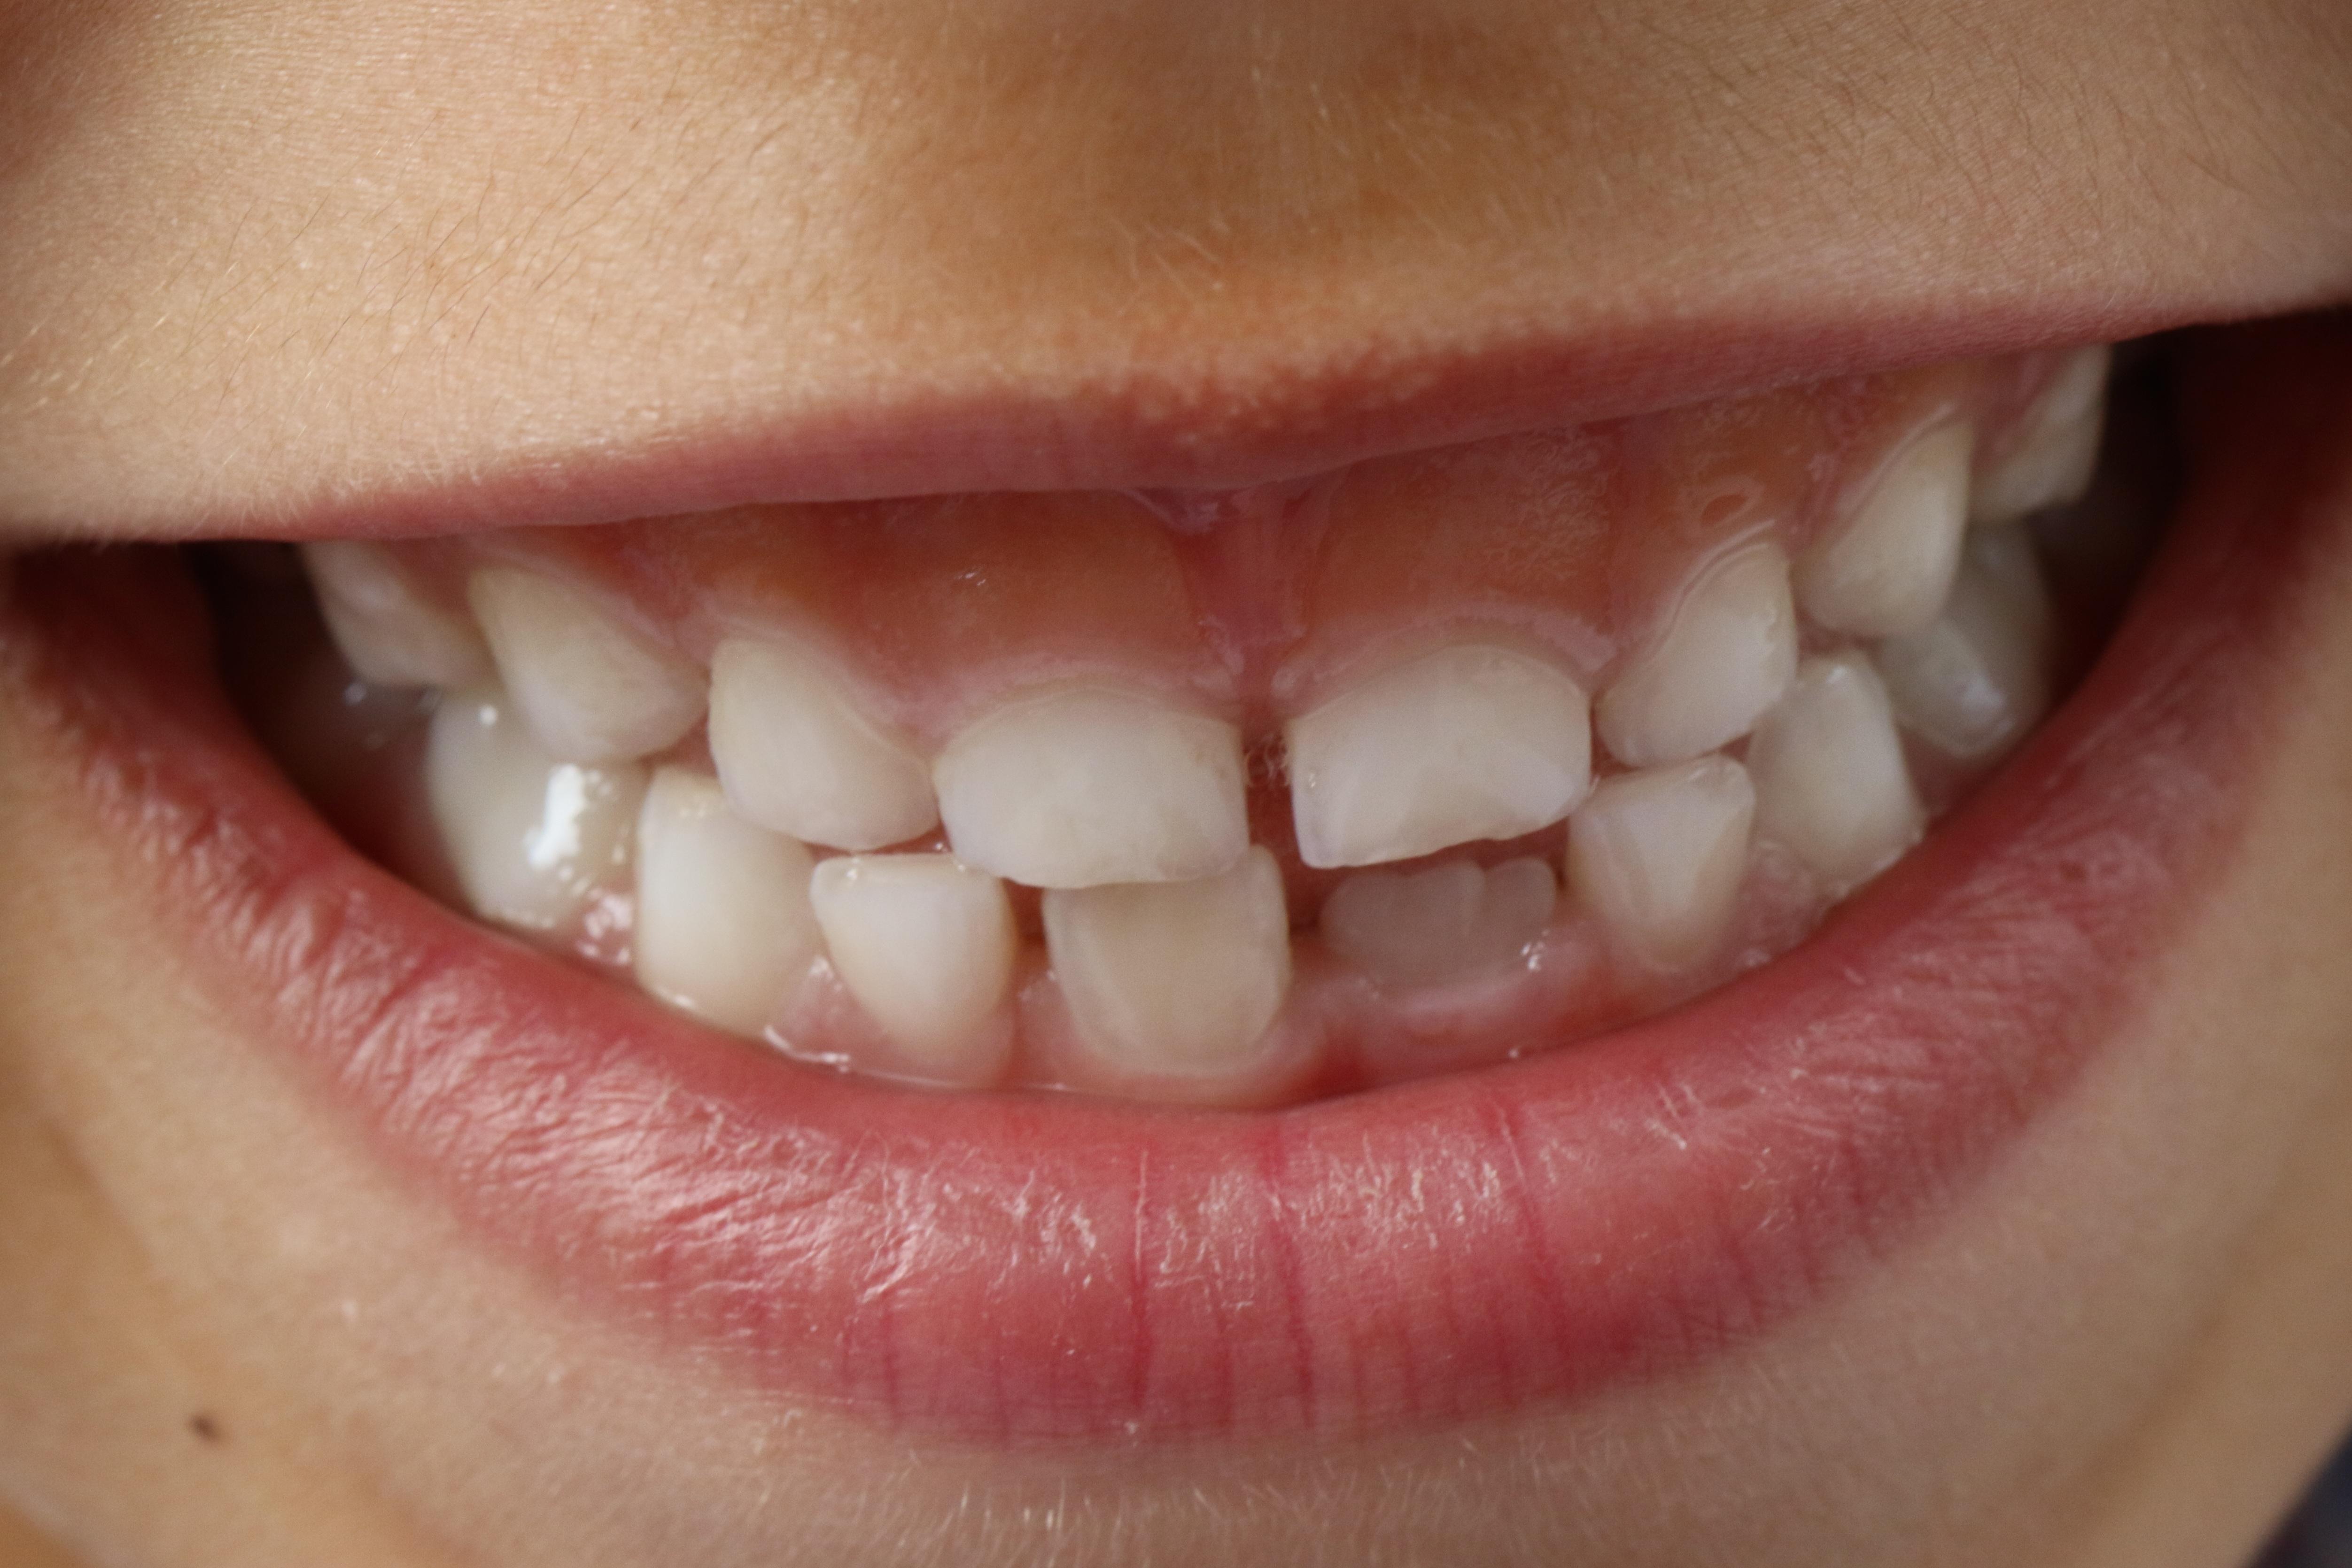 Kostenlose foto : reinigen, Gesichtsausdruck, Lippe, lächelnd ...